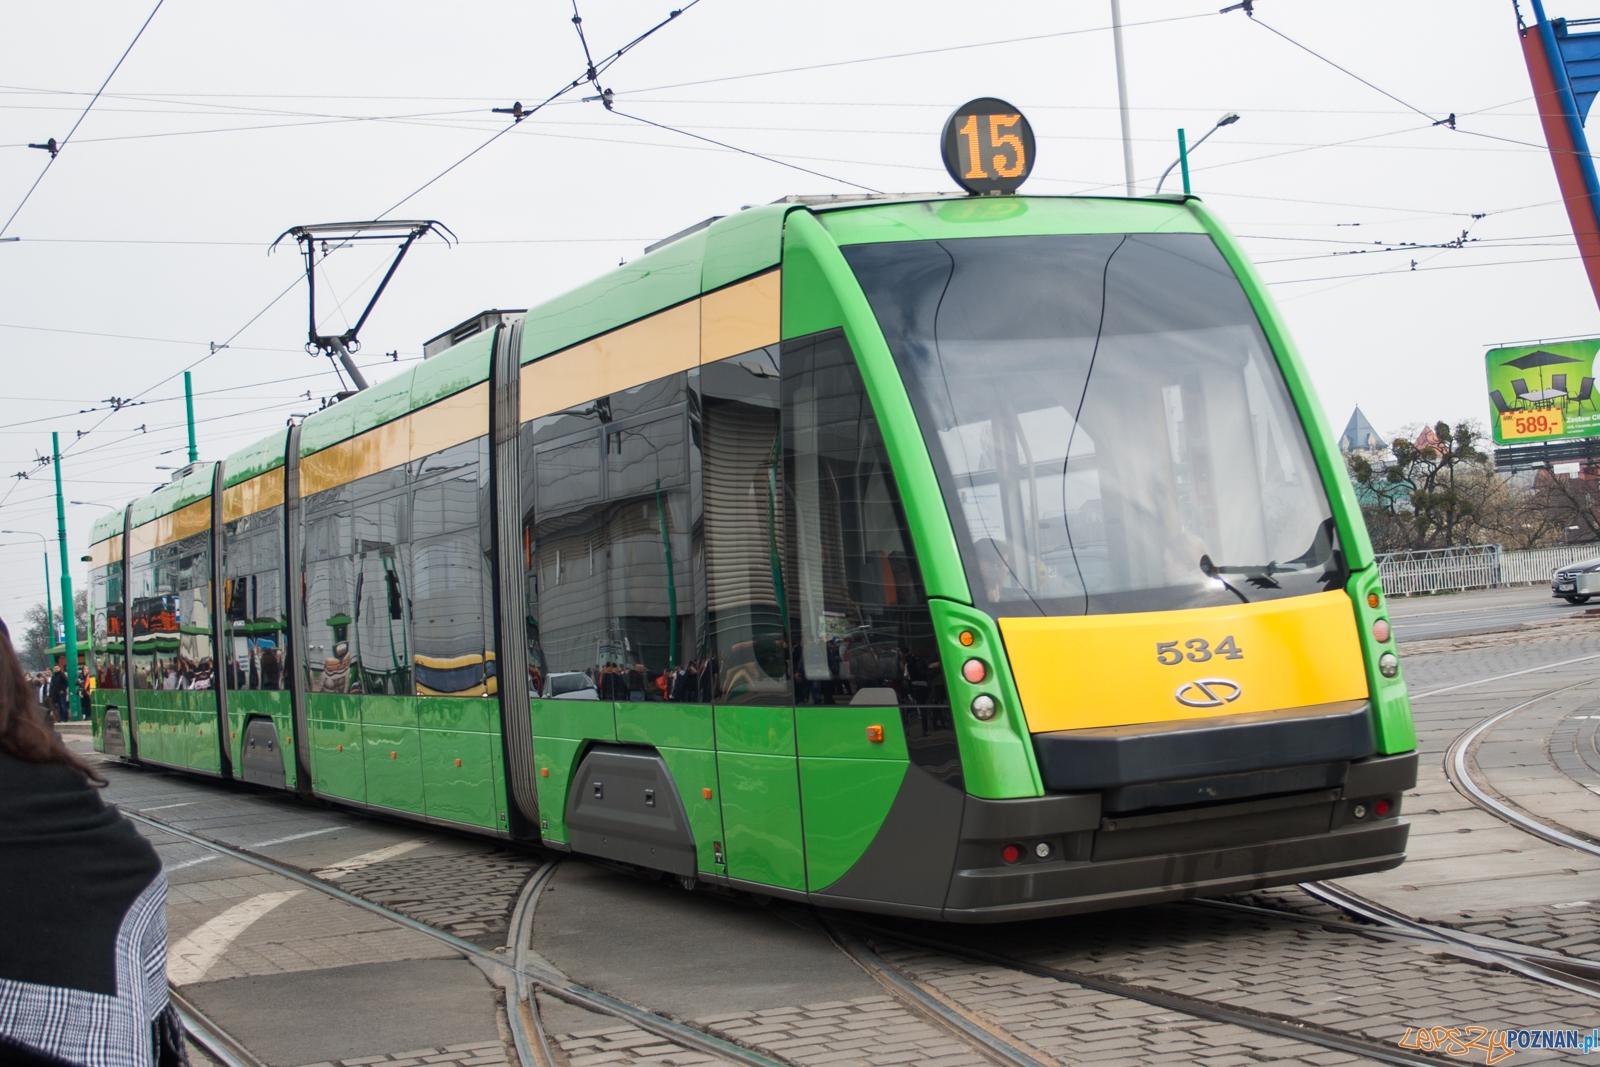 tramwaj nr 15 / bimba  Foto: © lepszyPOZNAN.pl / Karolina Kiraga